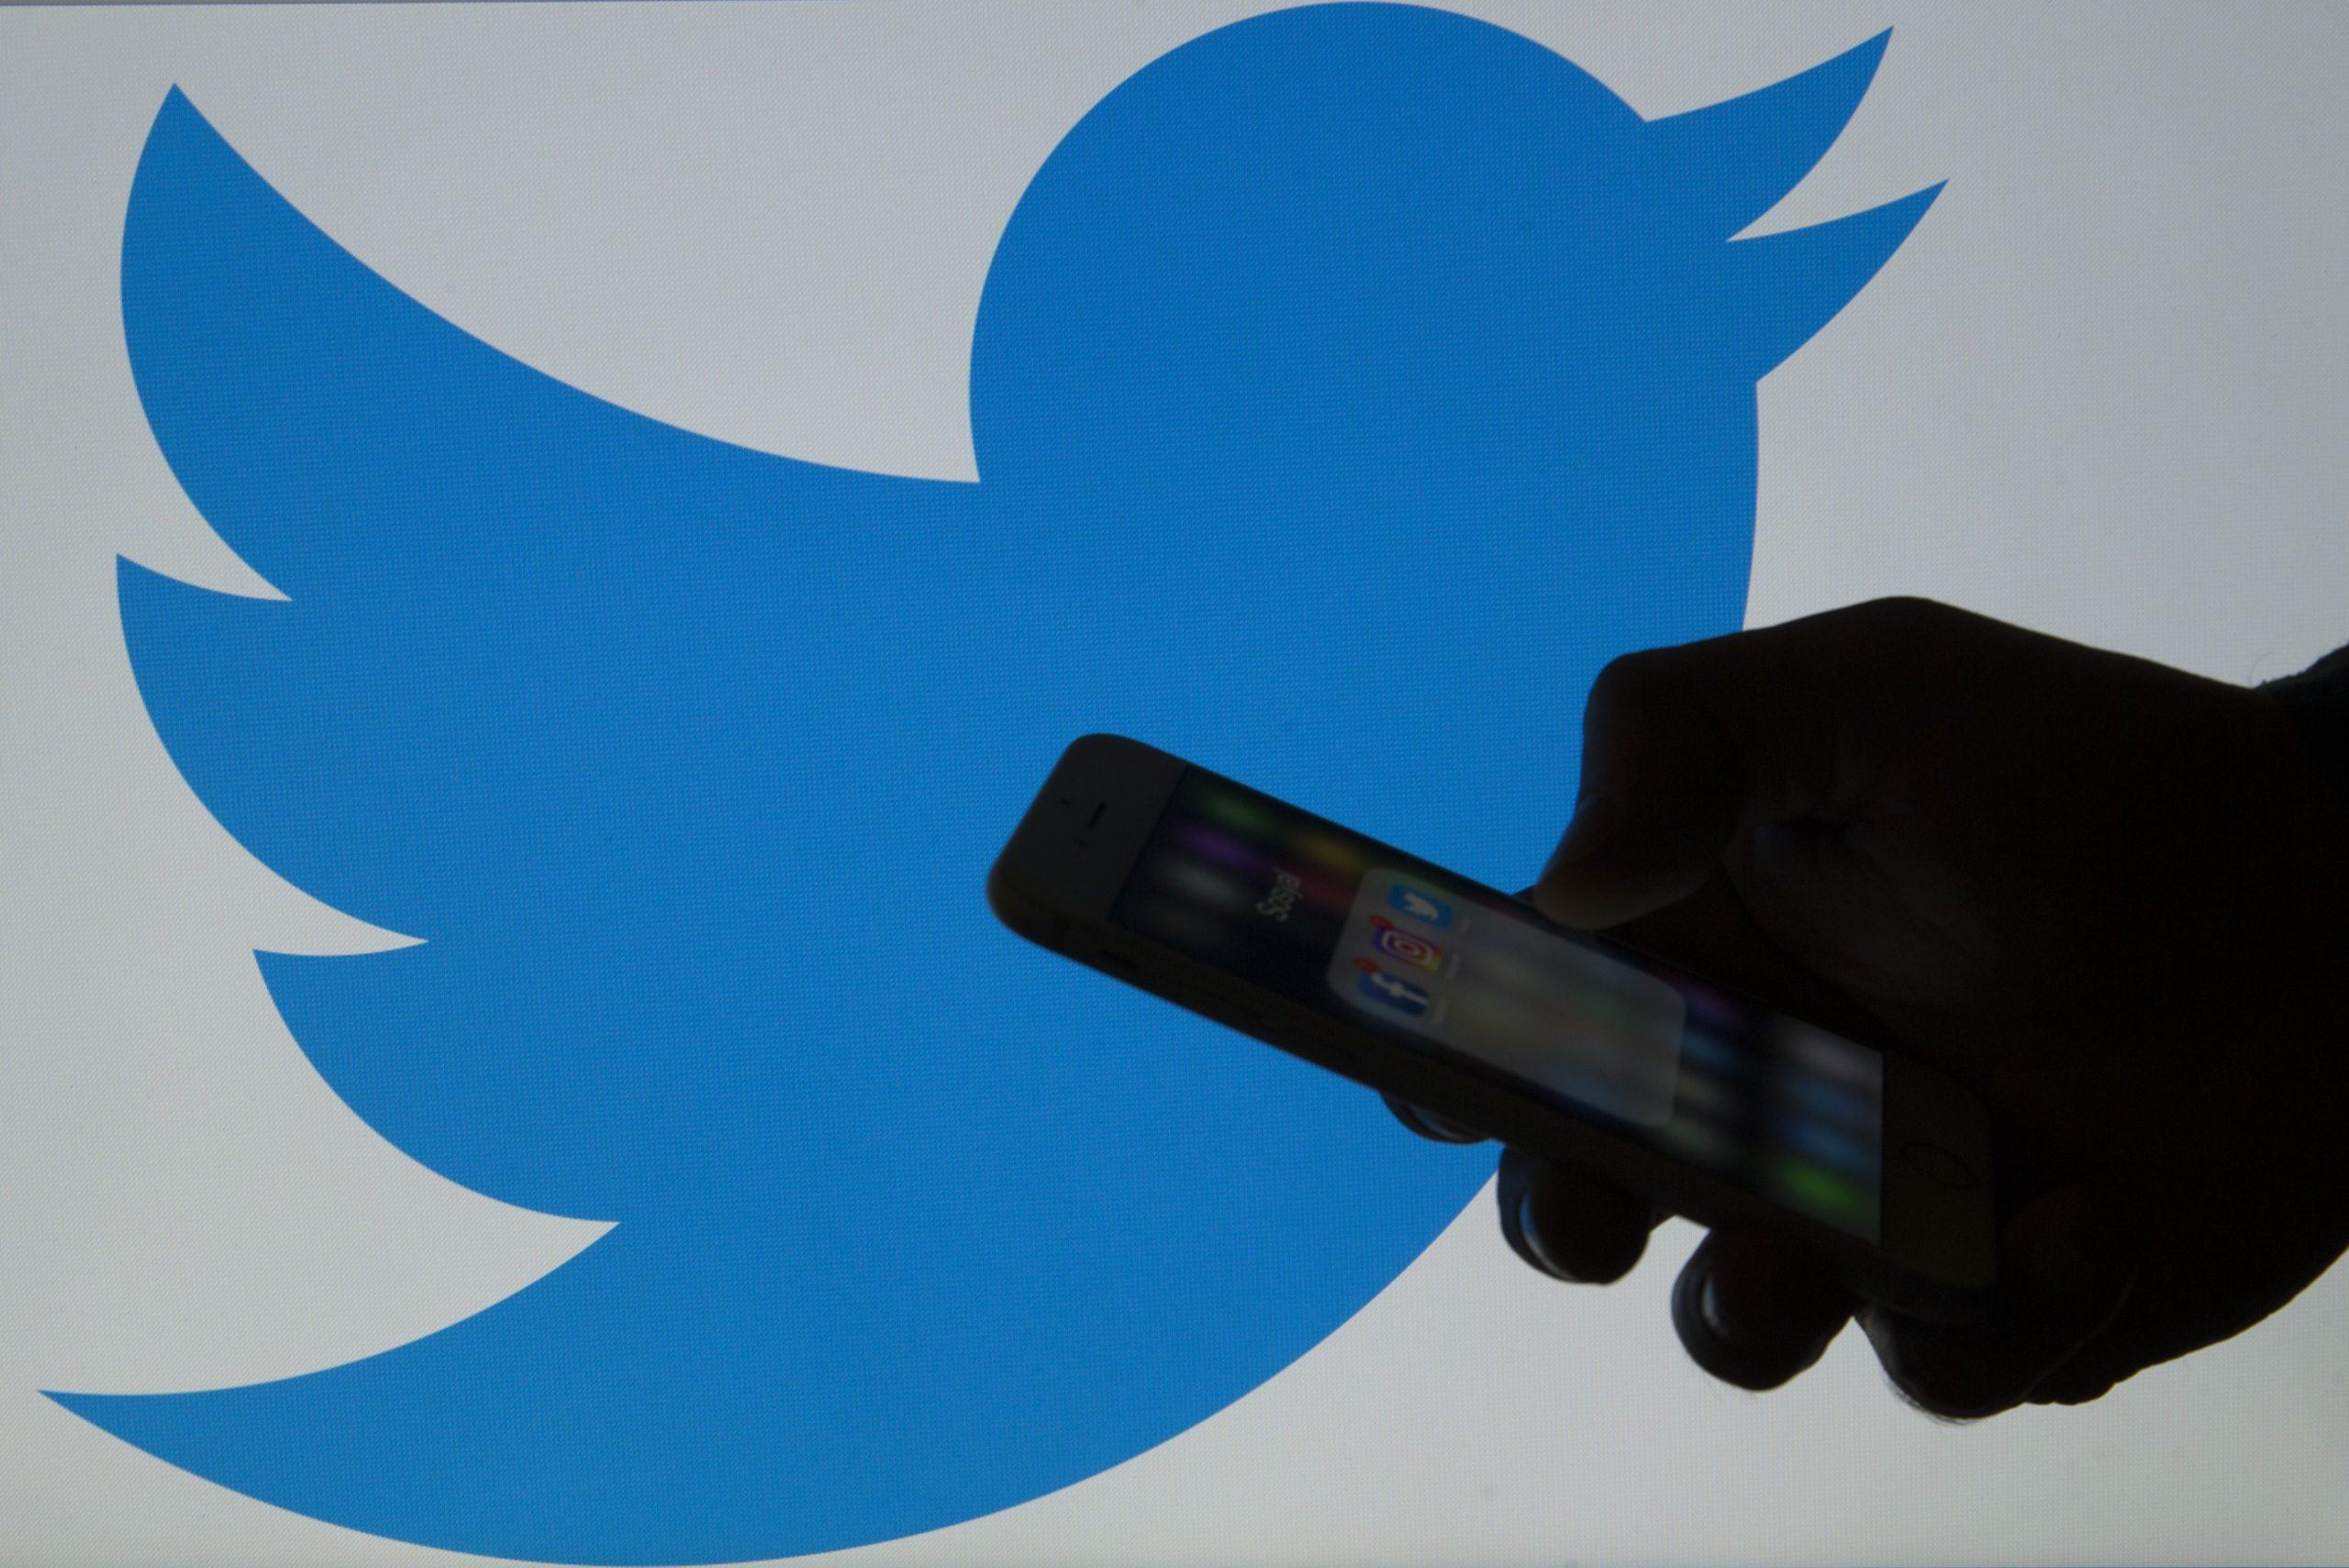 ¡Al fin! Twitter ya te permitirá seguir temas de interés